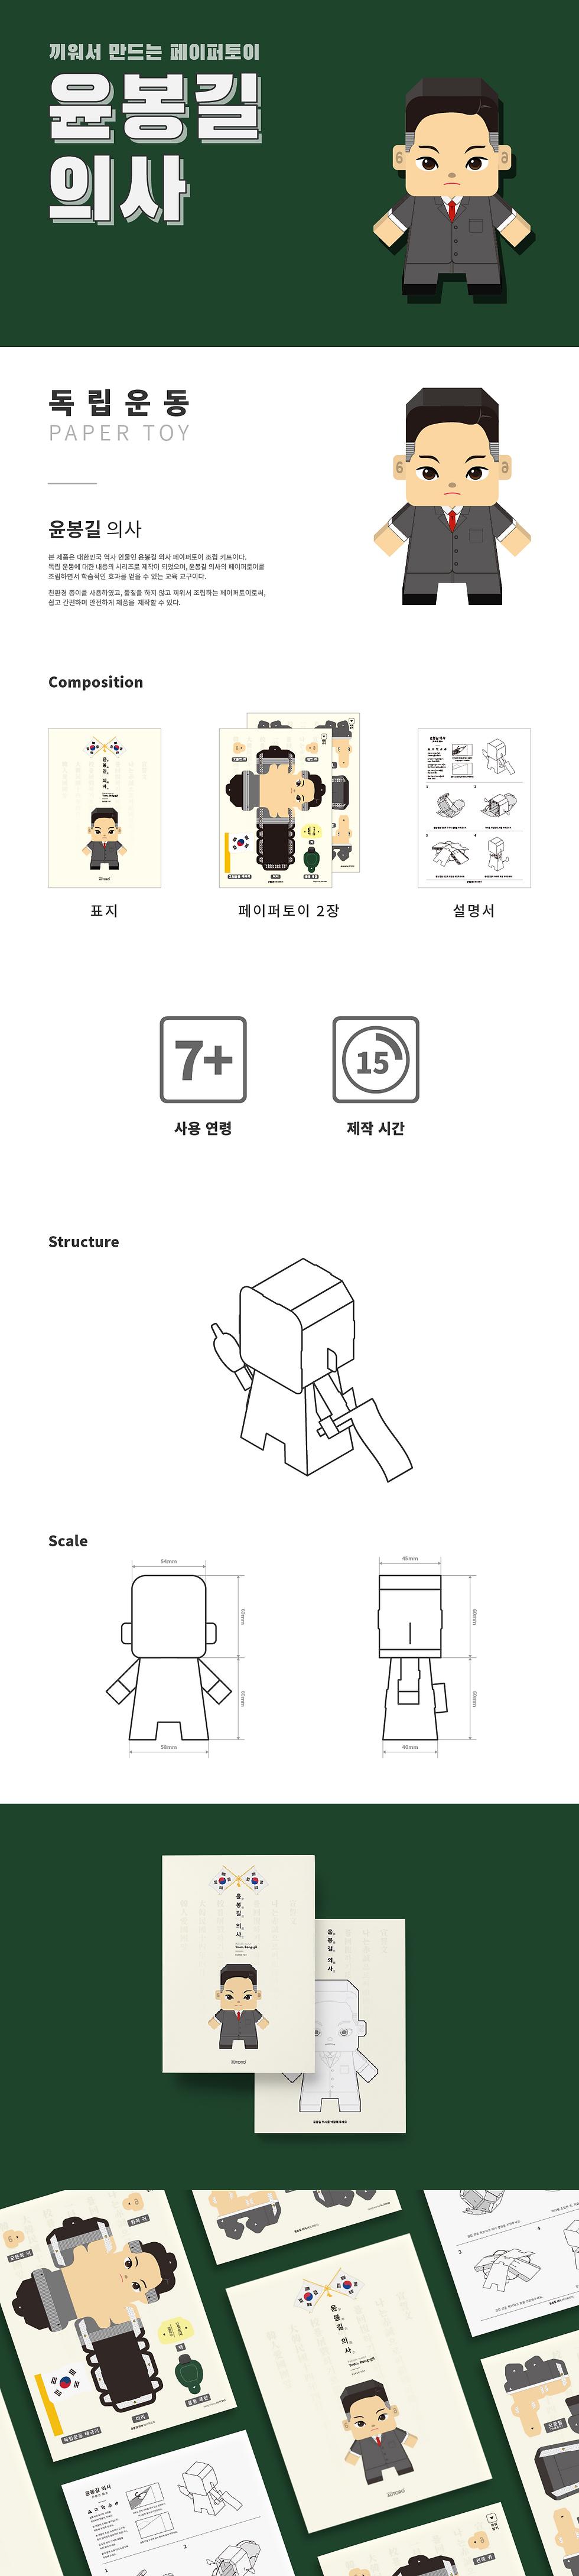 01-23. 윤봉길 의사_독립운동_상세페이지.png